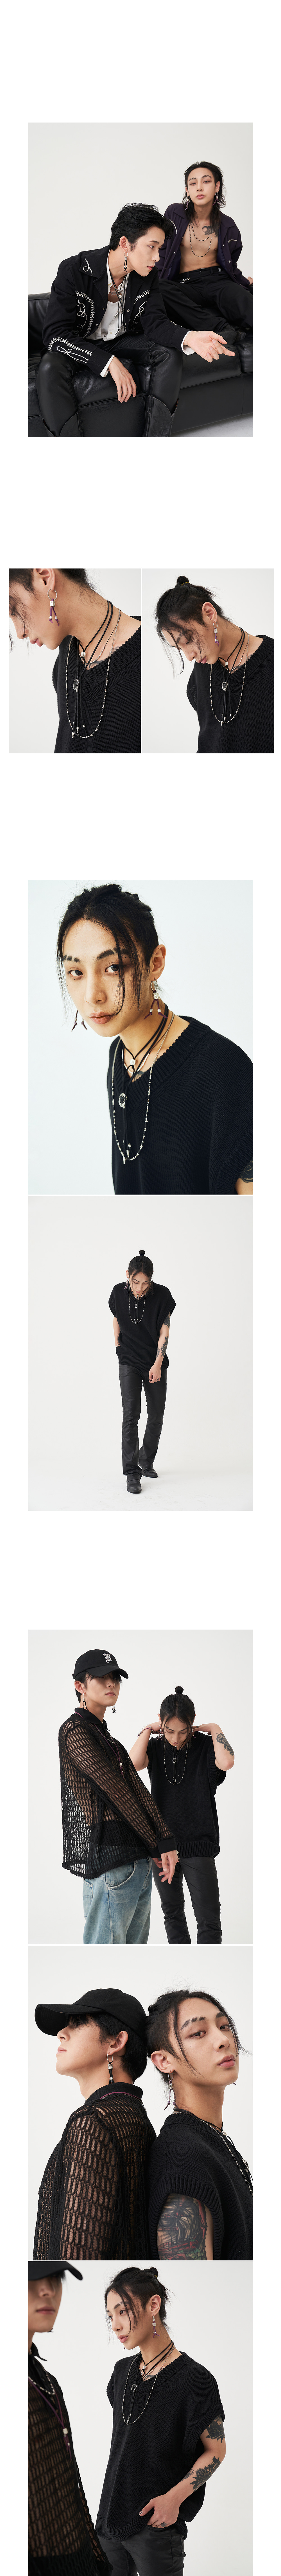 블랙 퍼플(BLACK PURPLE) BYBE X BP 레더 스트링 초커 목걸이 - 화이트